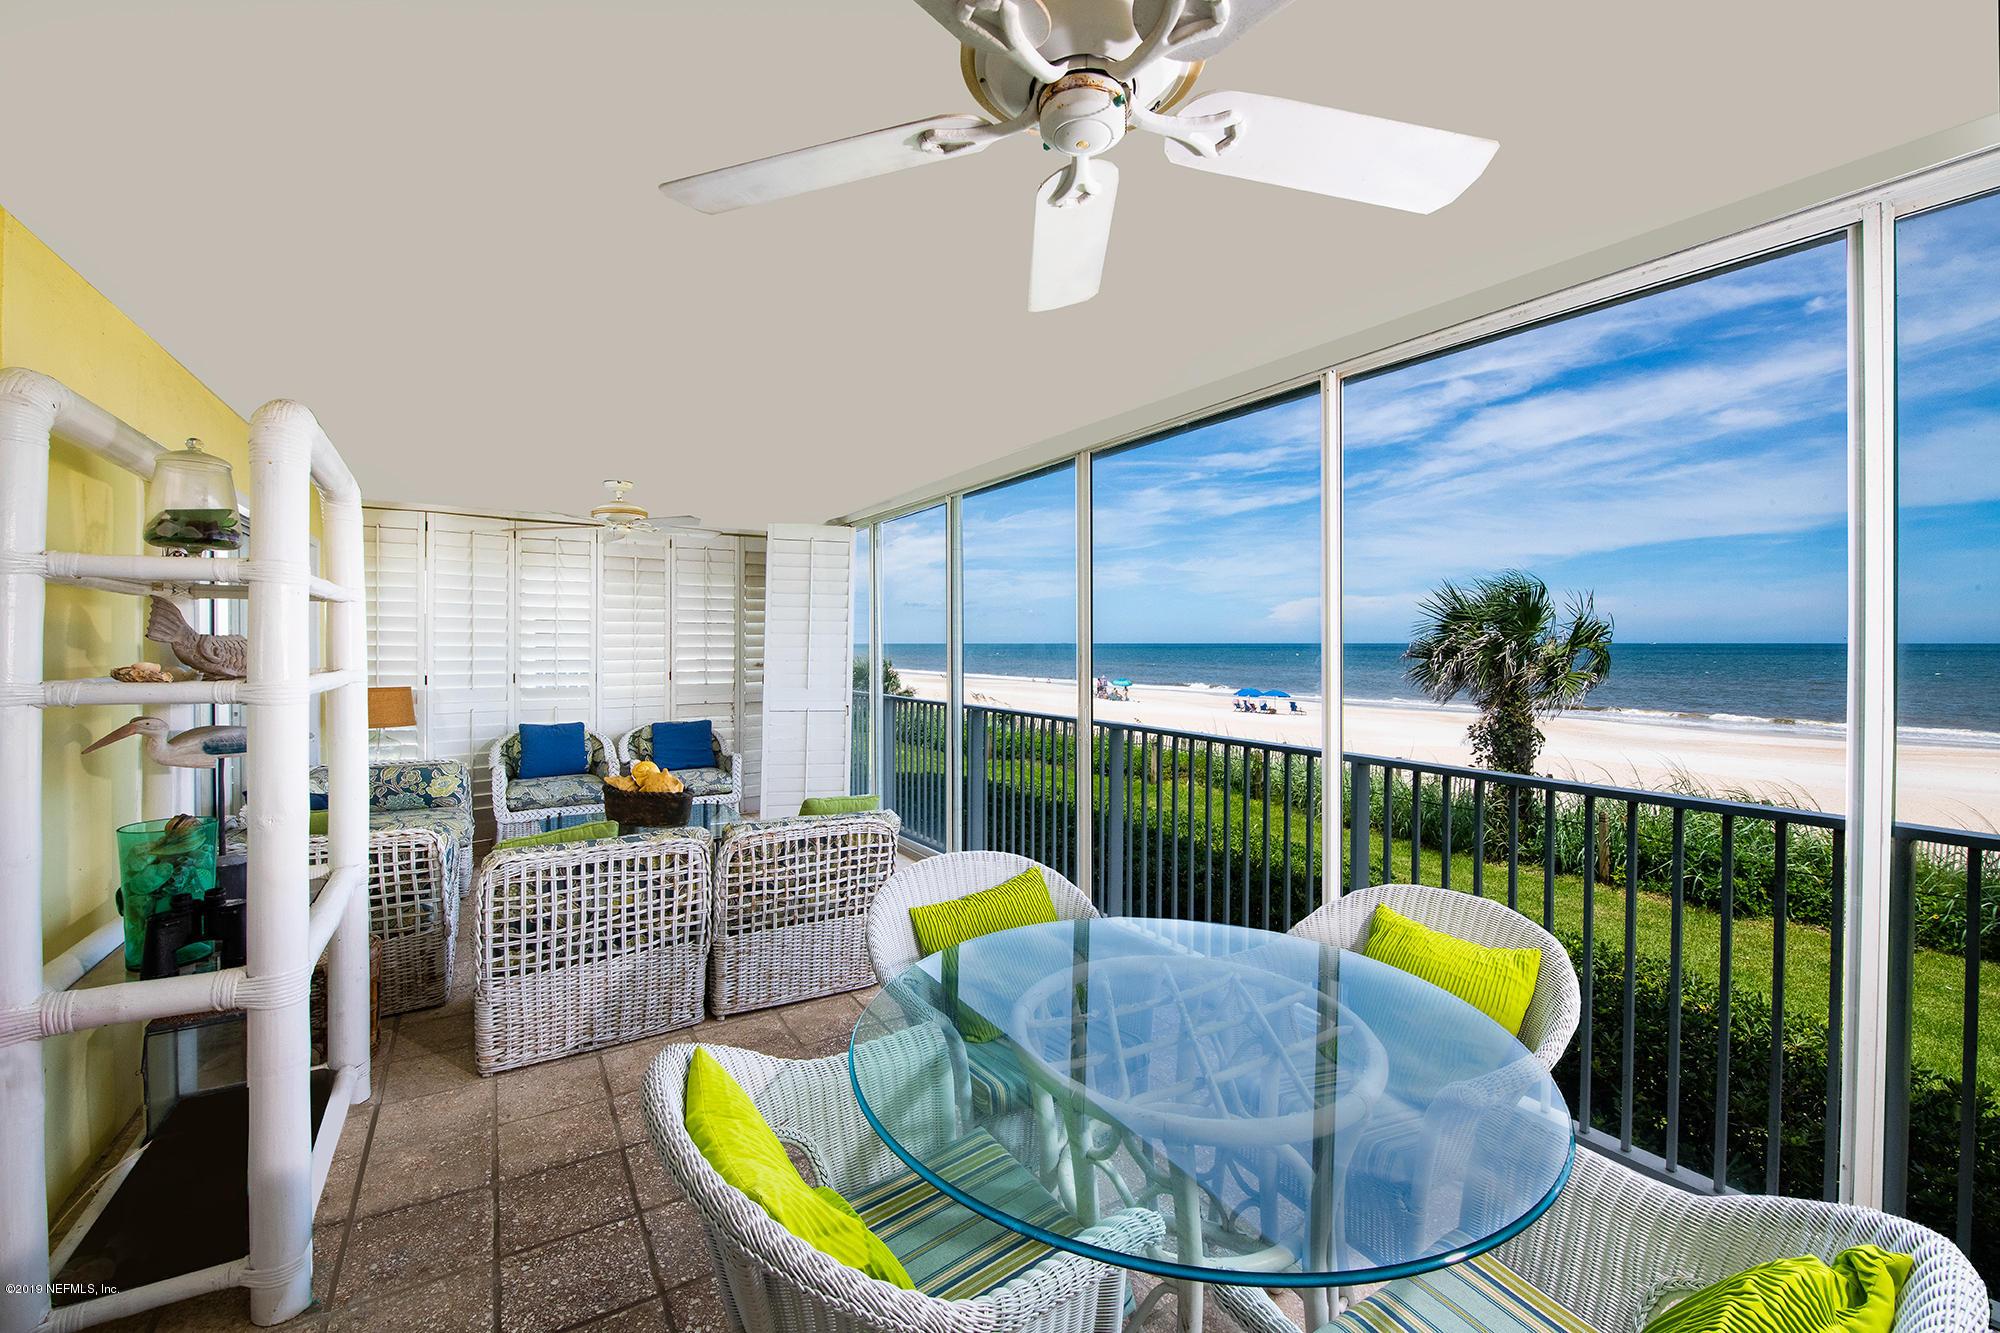 645 Ponte Vedra Blvd #645B Ponte Vedra Beach, FL 32082